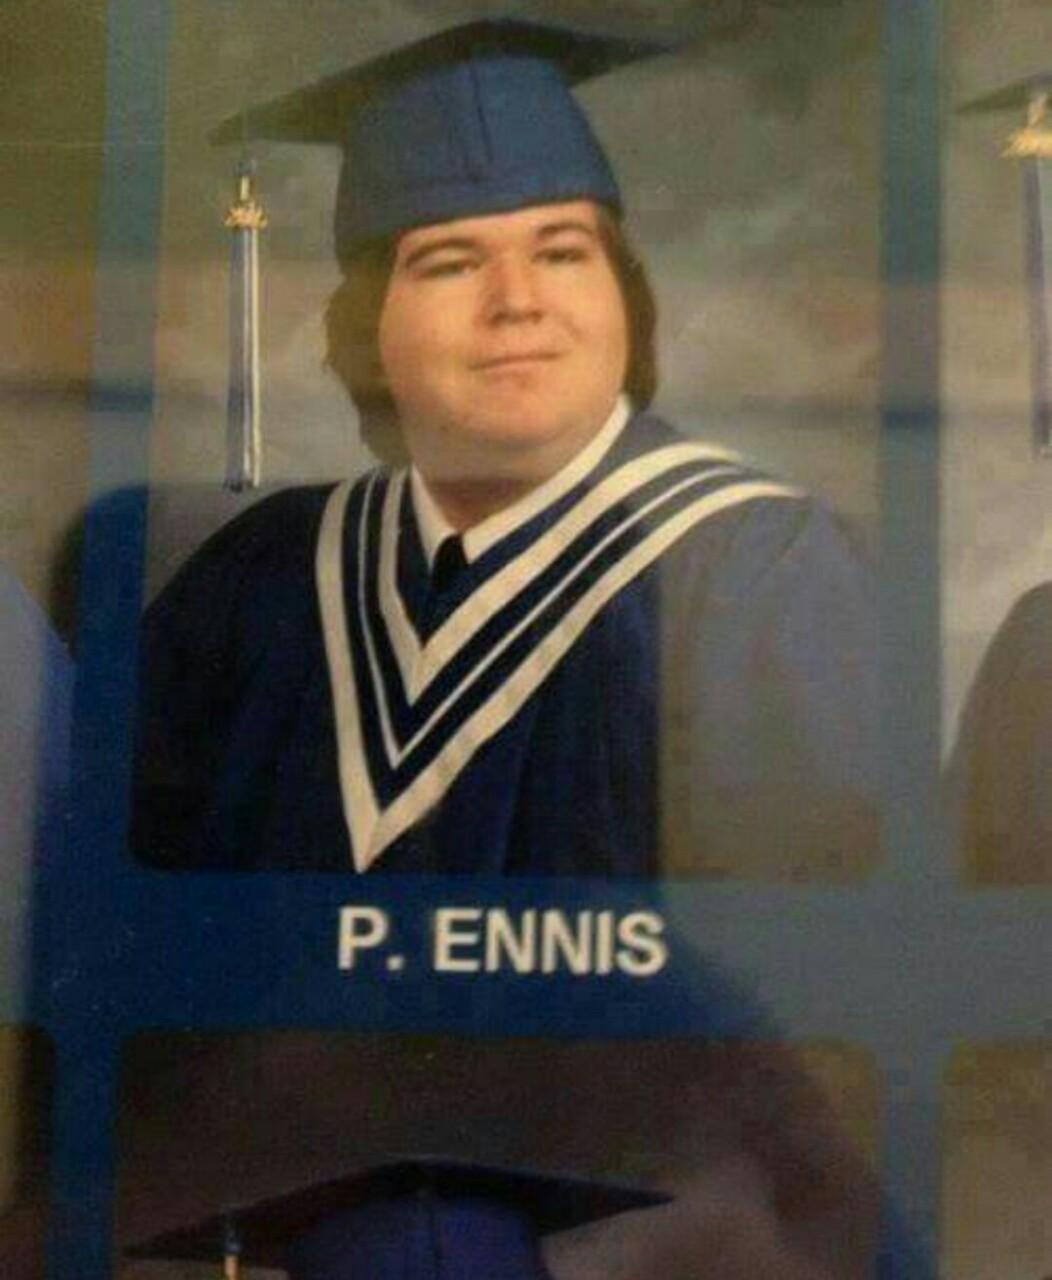 P. Ennis - De l'importance du choix de l'initiale du prénom